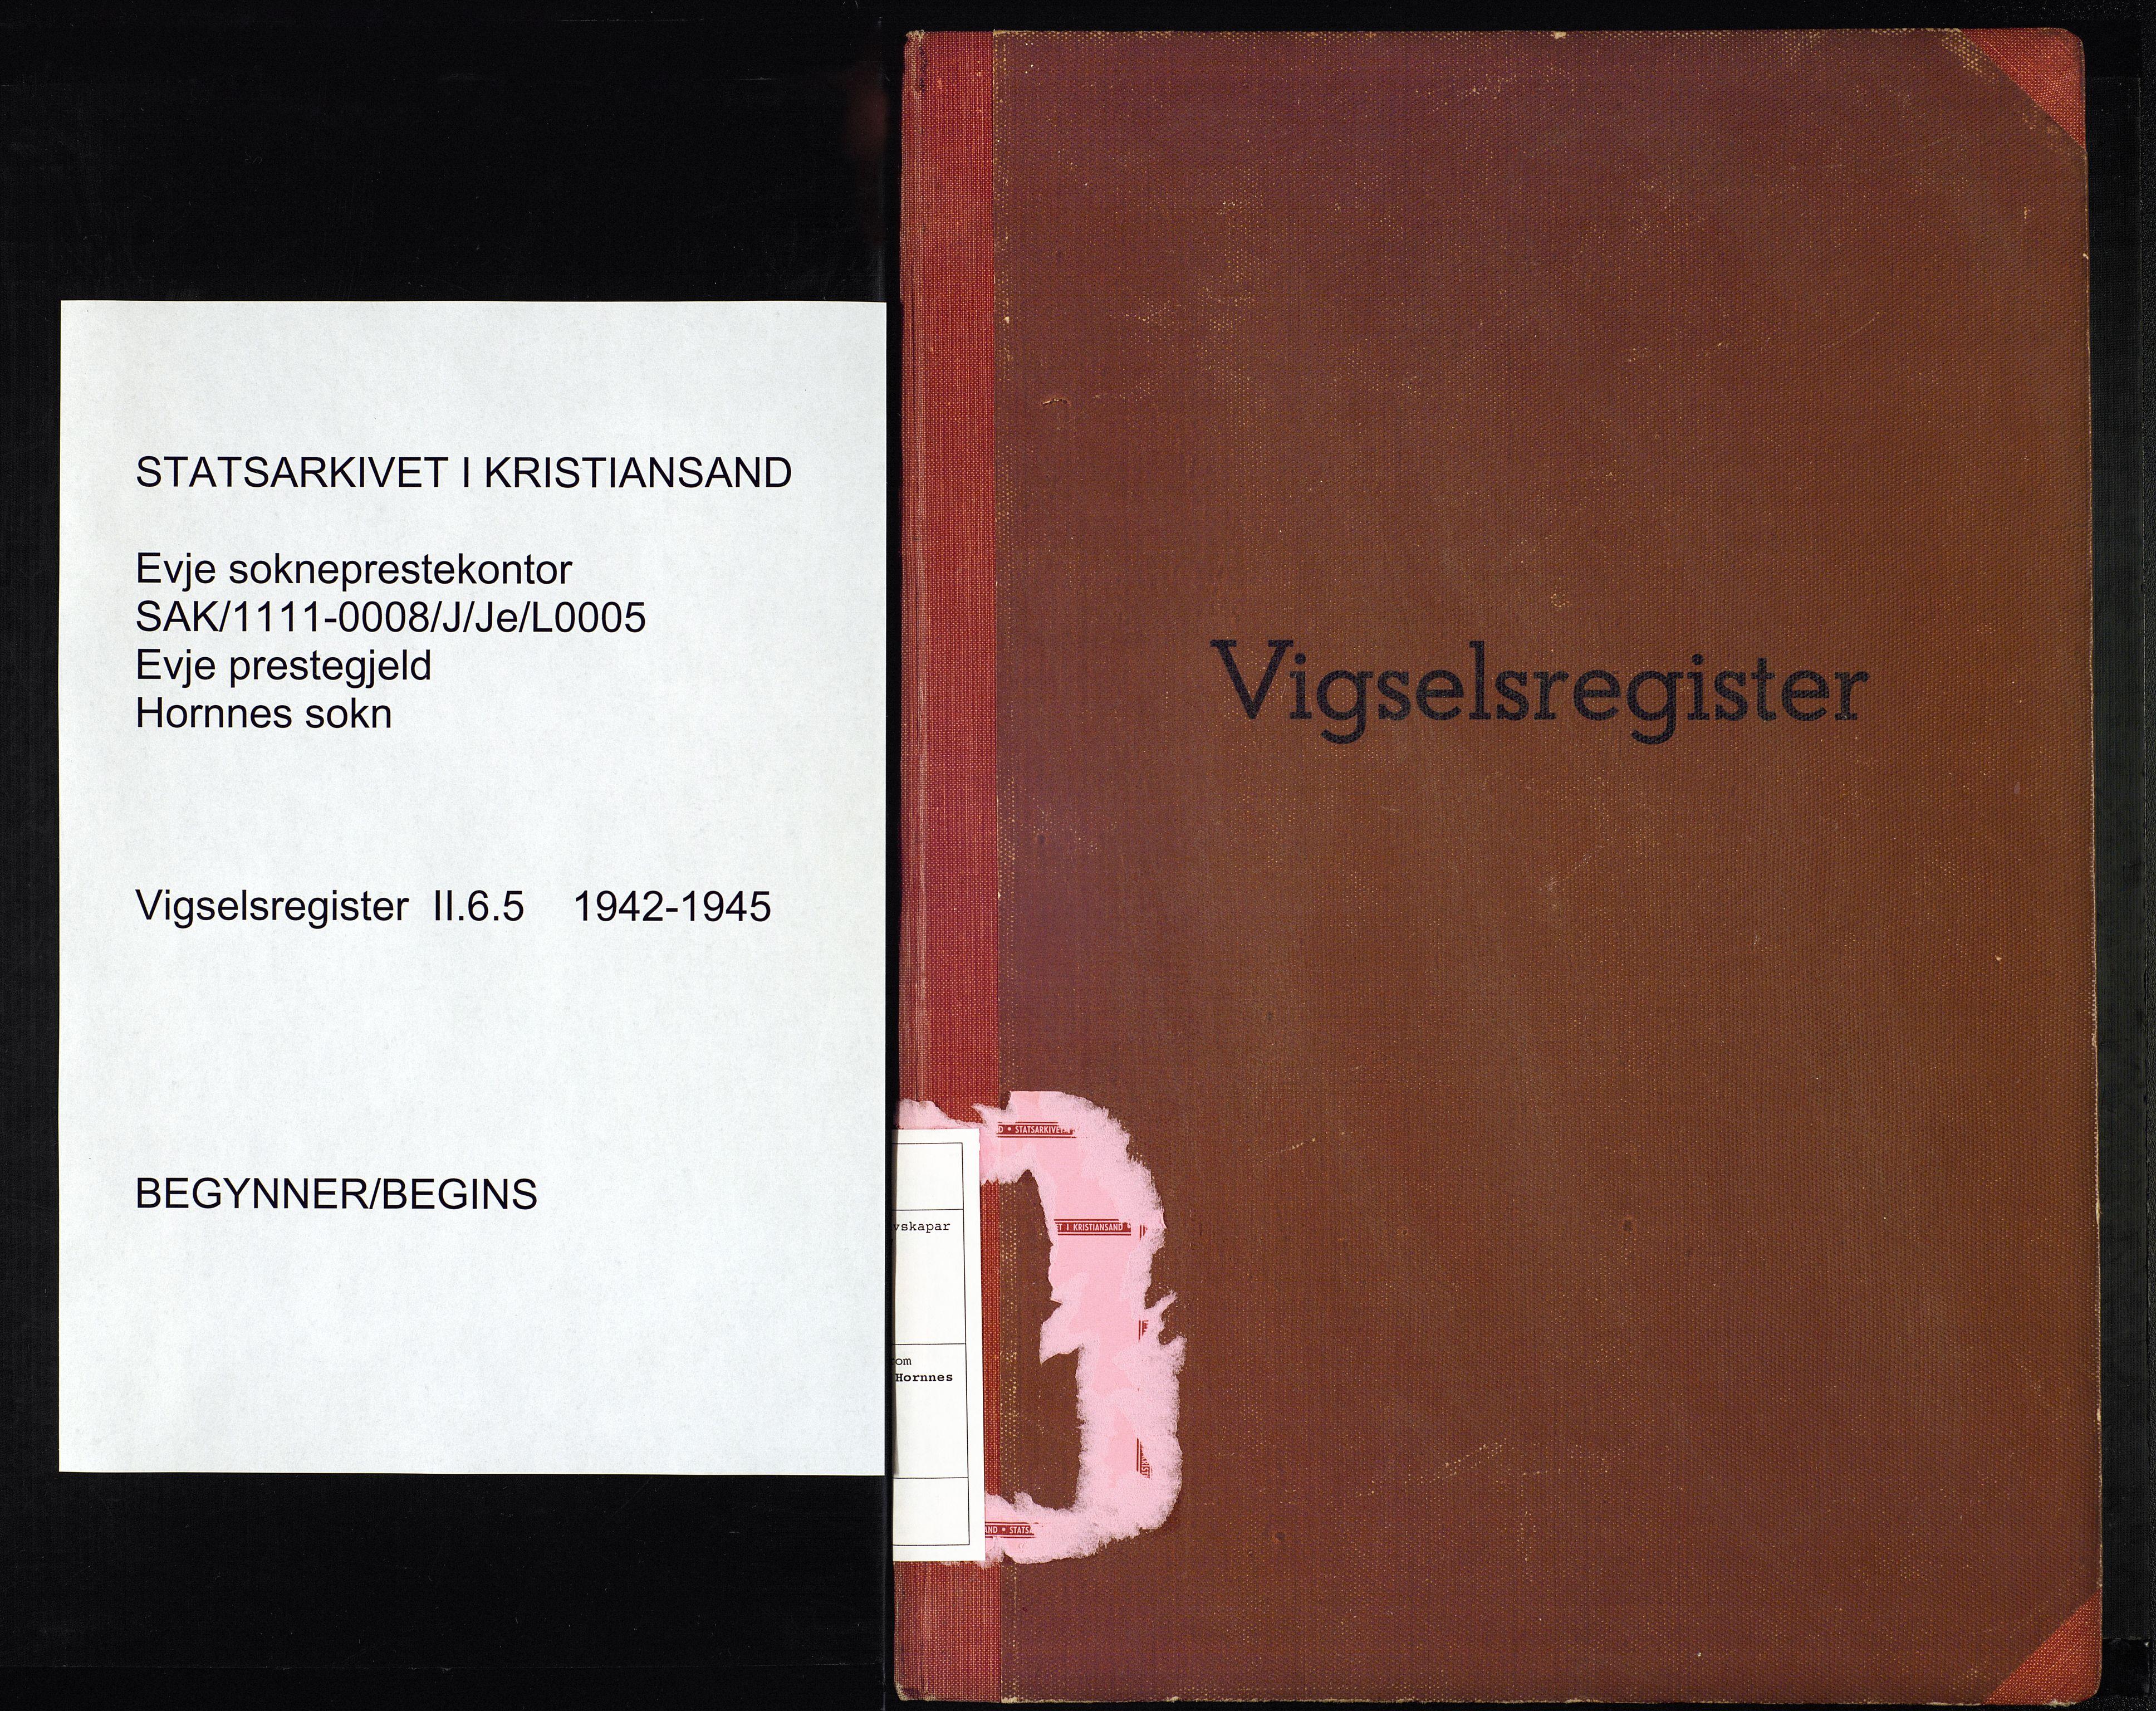 SAK, Evje sokneprestkontor, J/Je/L0005: Vigselsregister nr. II.6.5, 1942-1945, s. upaginert